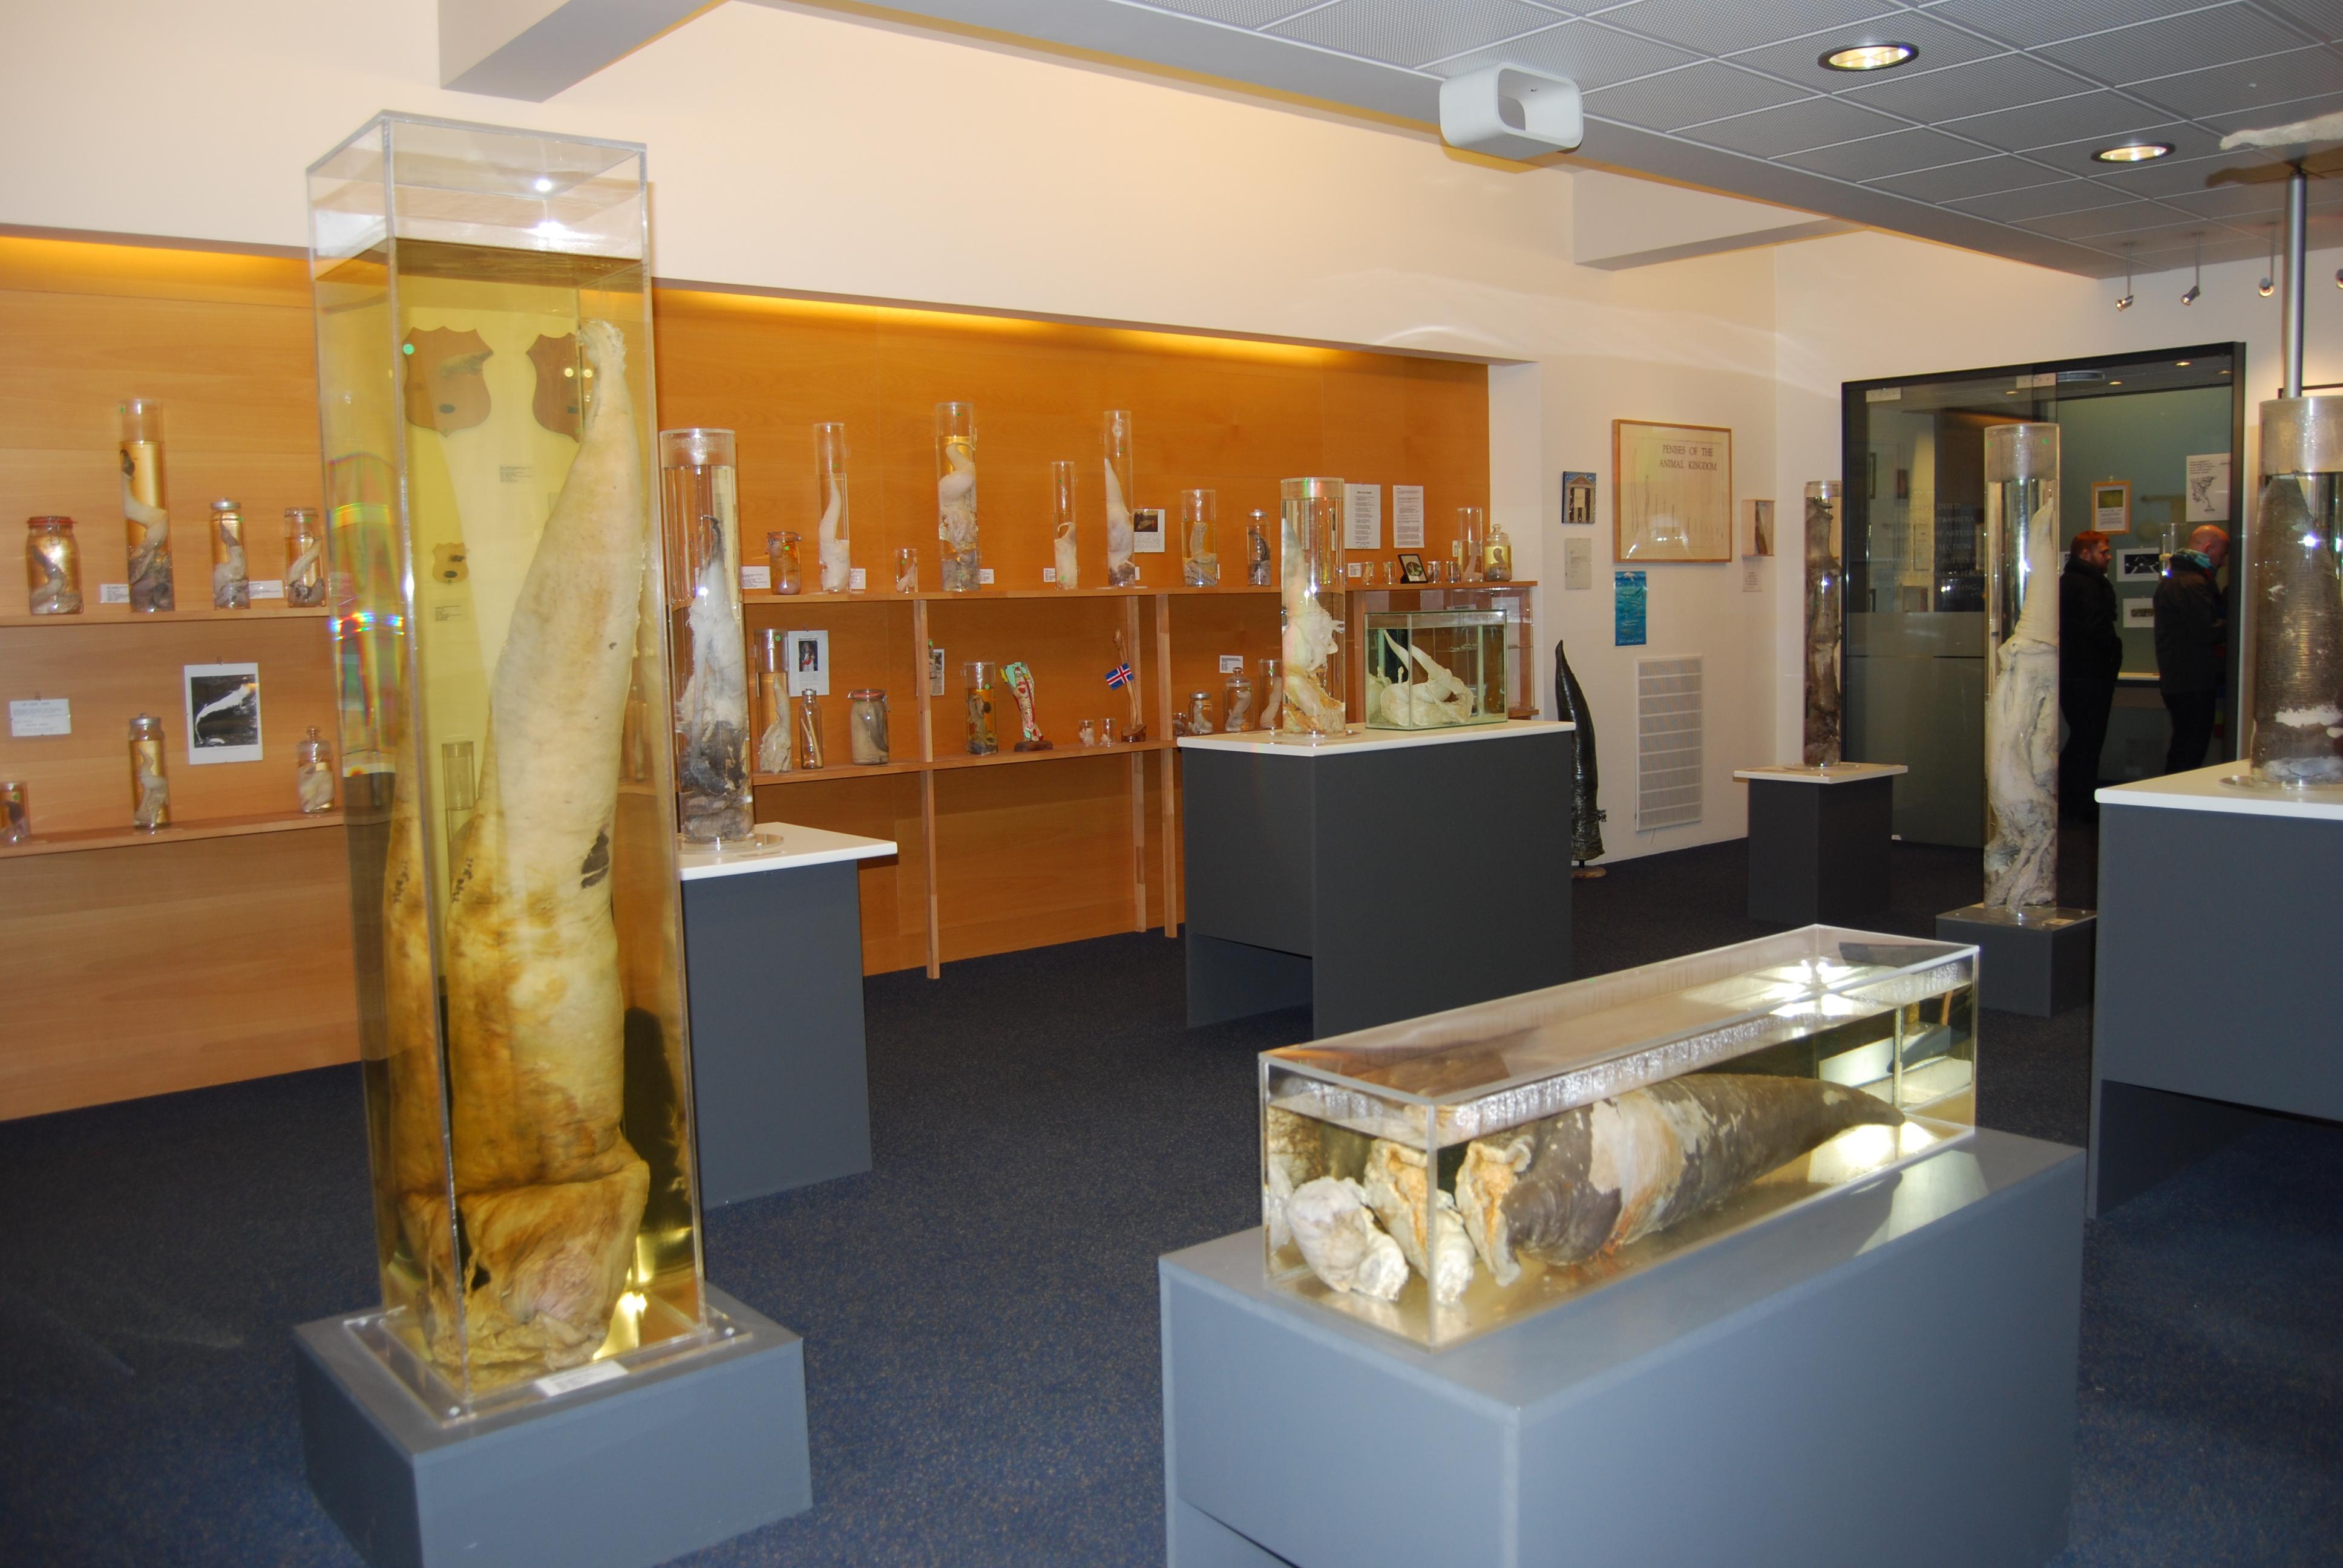 Plázs: Itt találja a világ legnagyobb péniszgyűjteményét | richihir.hu